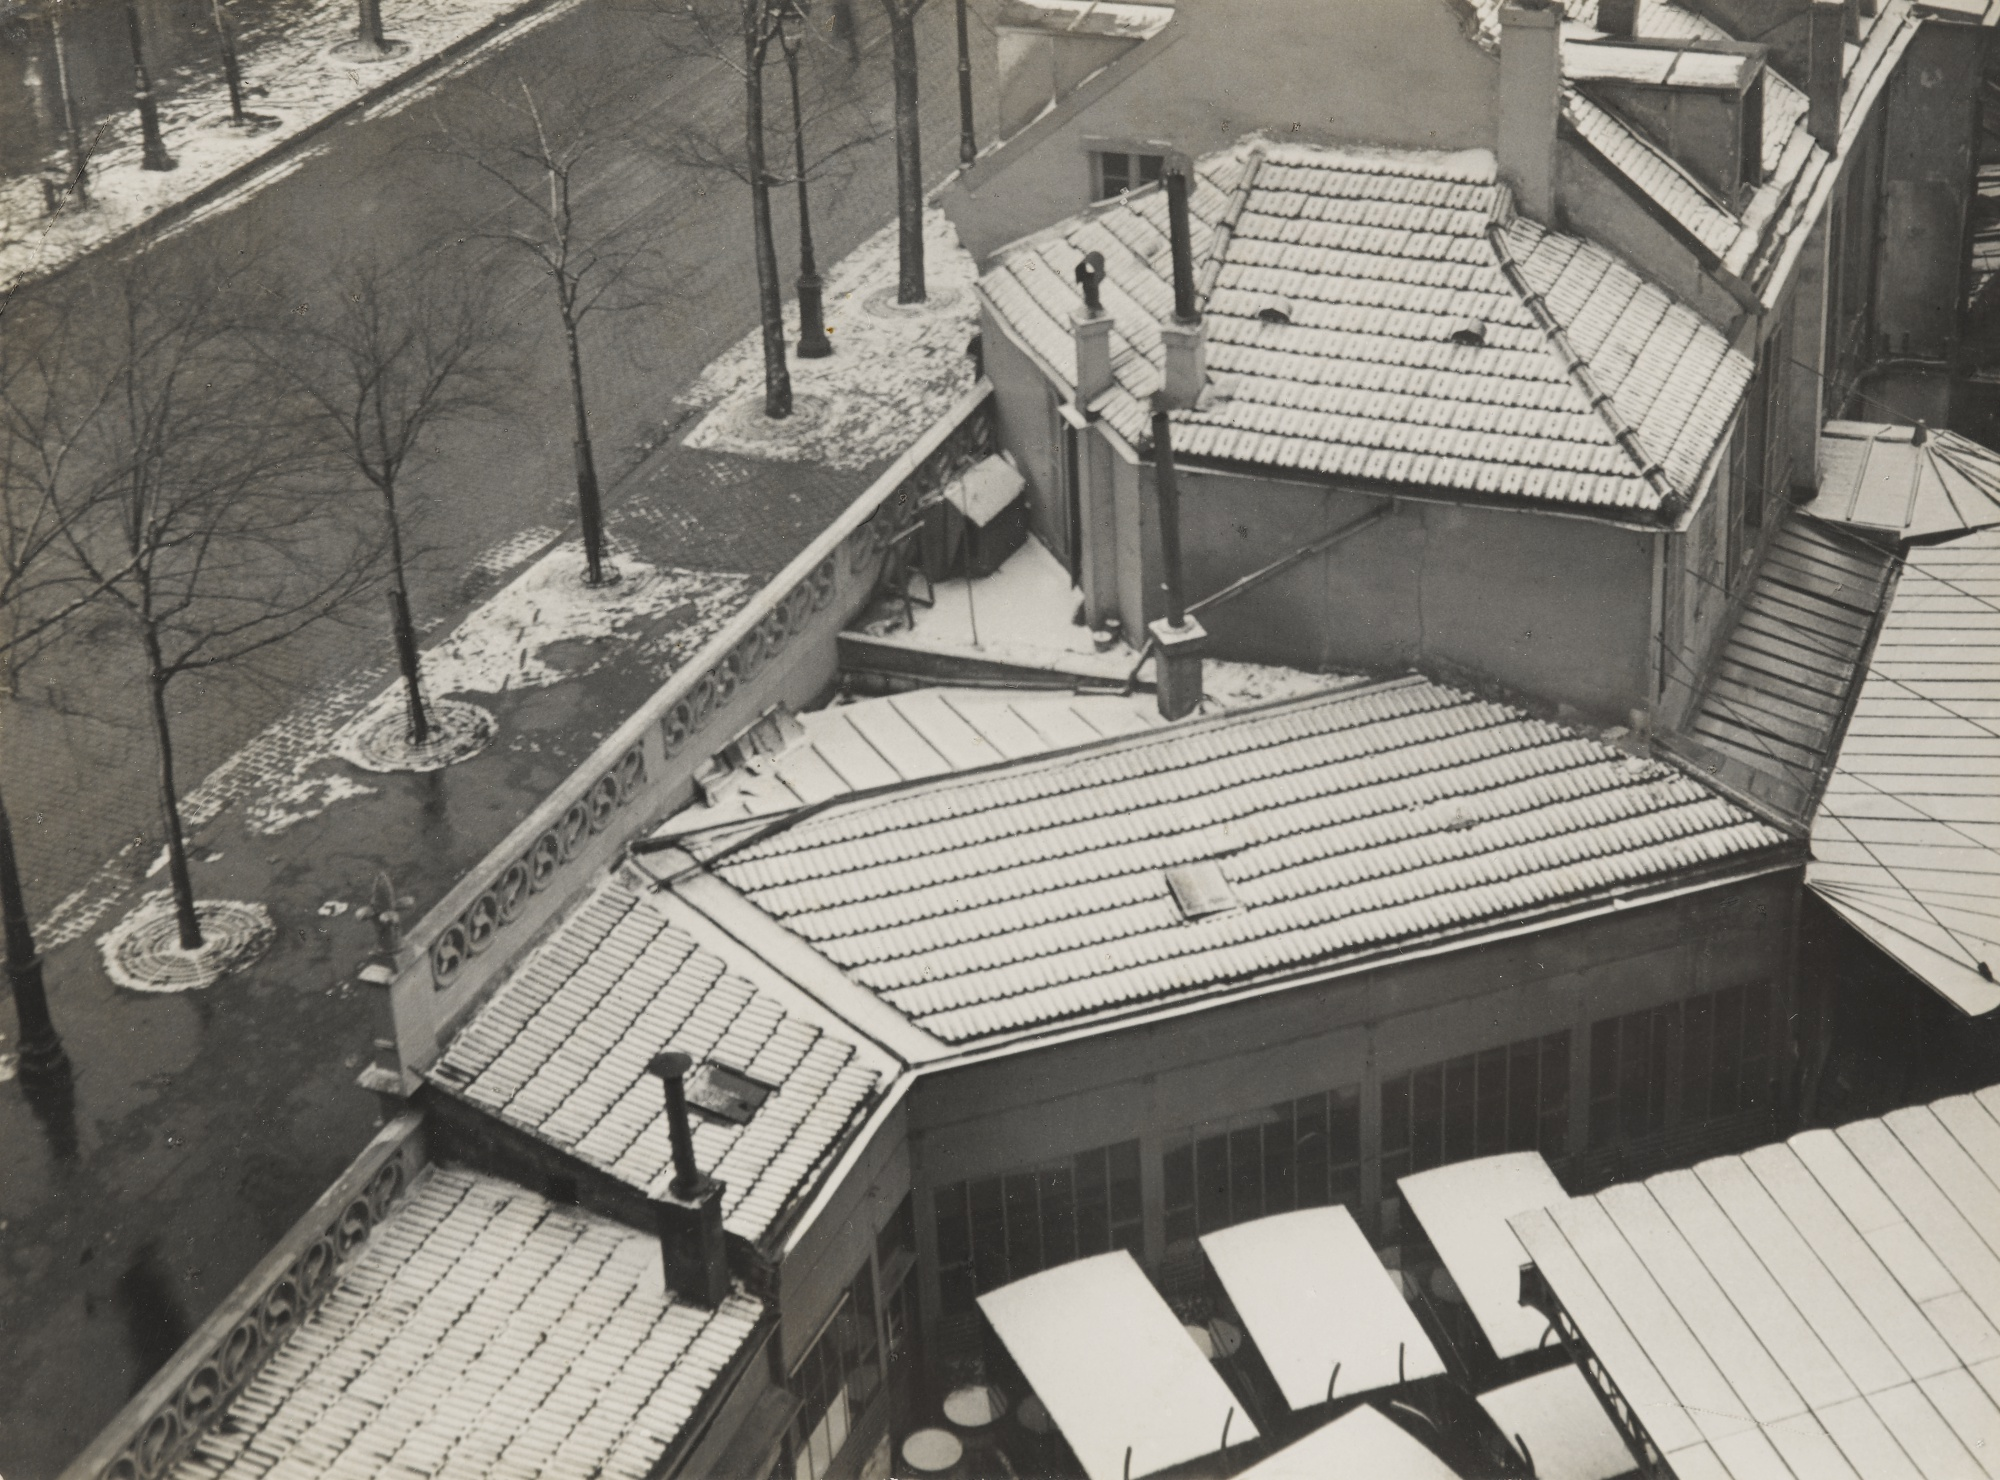 Andre Kertesz-Rue Froidevaux Paris-1926